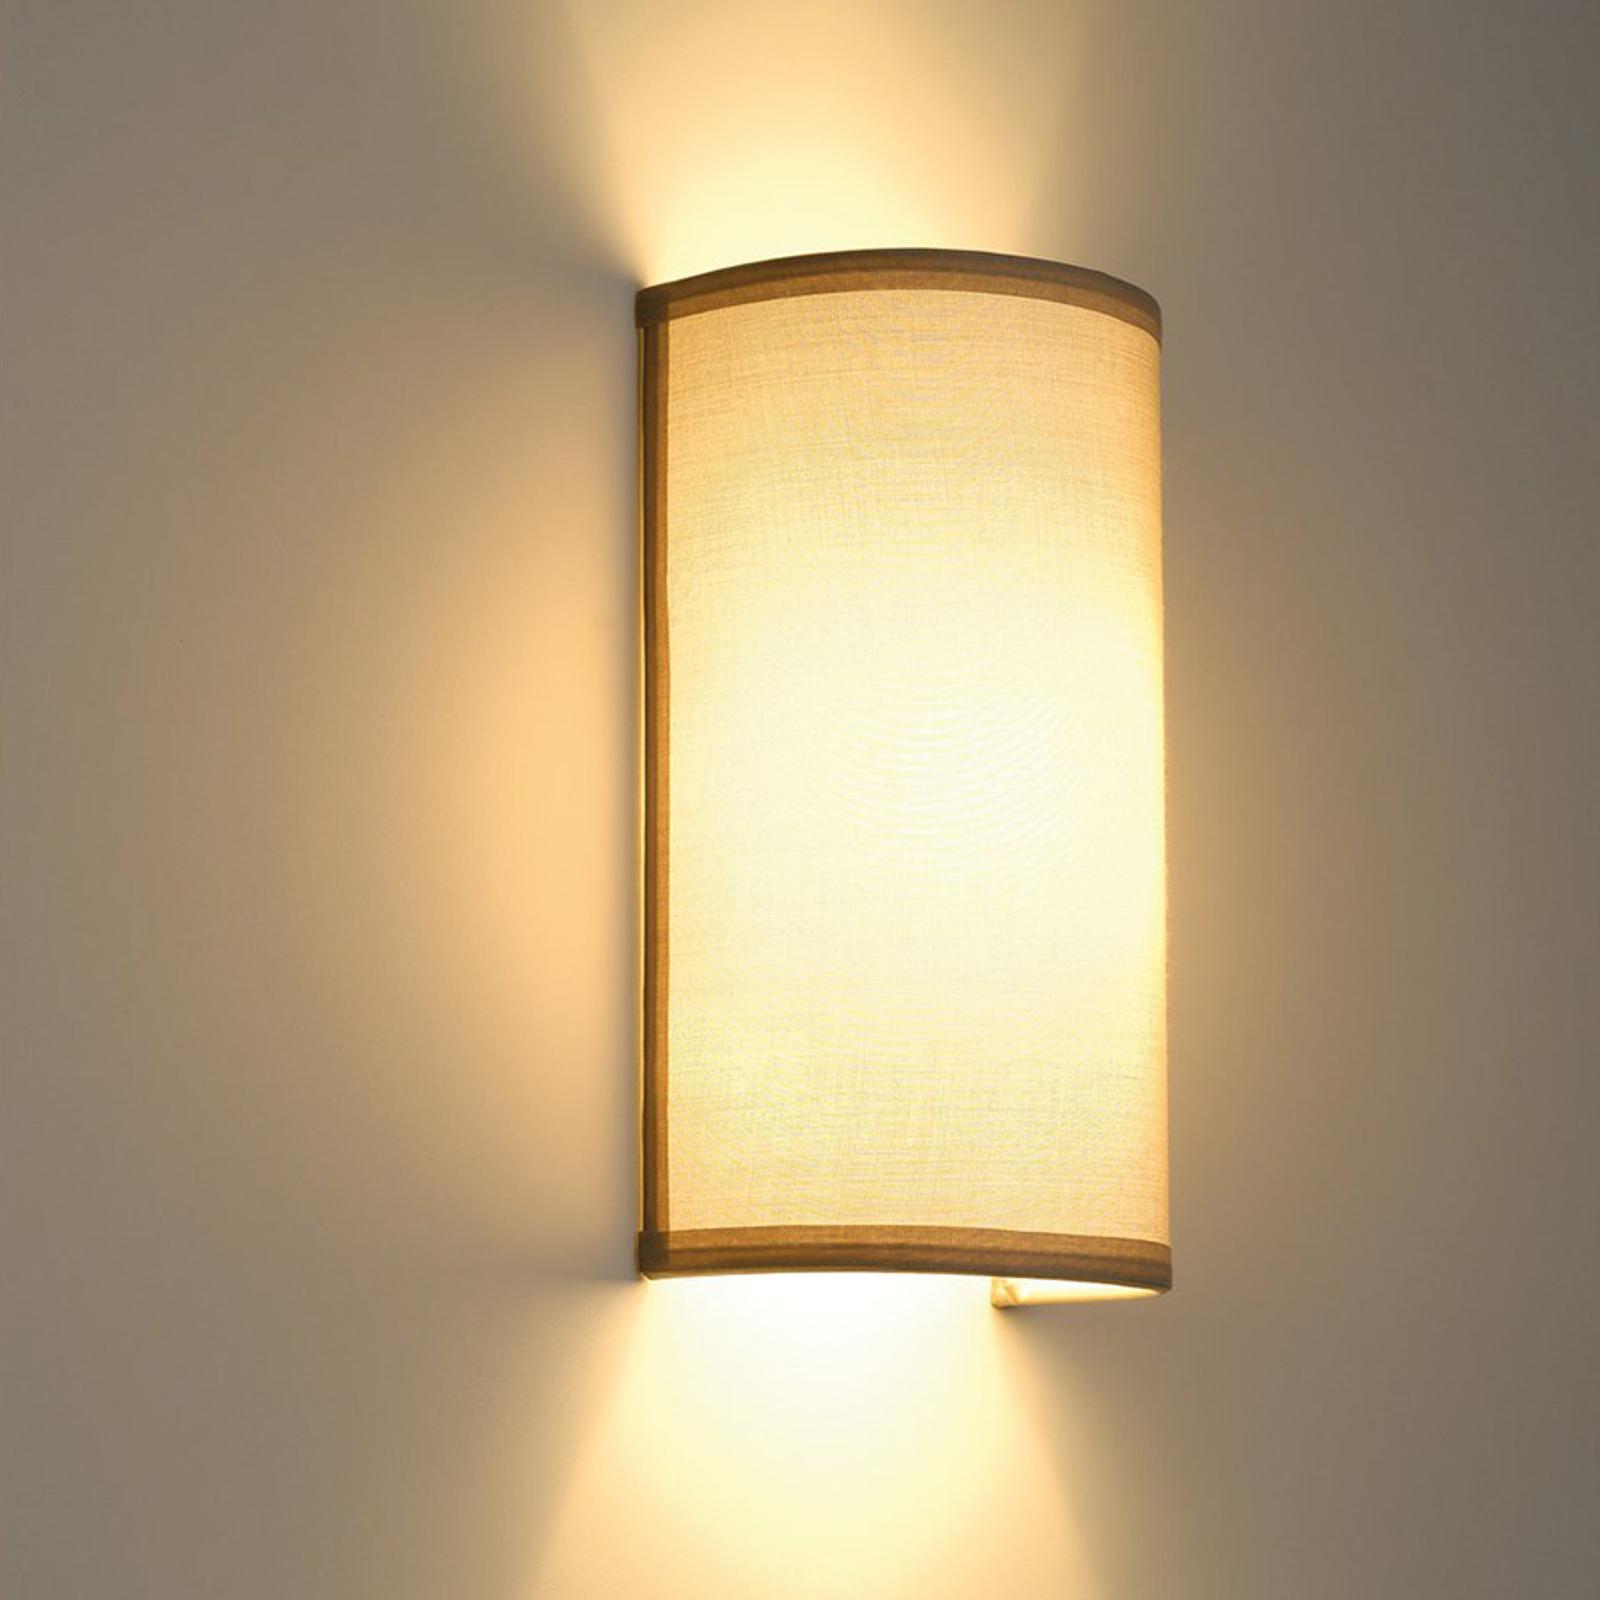 Lampa ścienna SOPRANA dająca łagodne światło